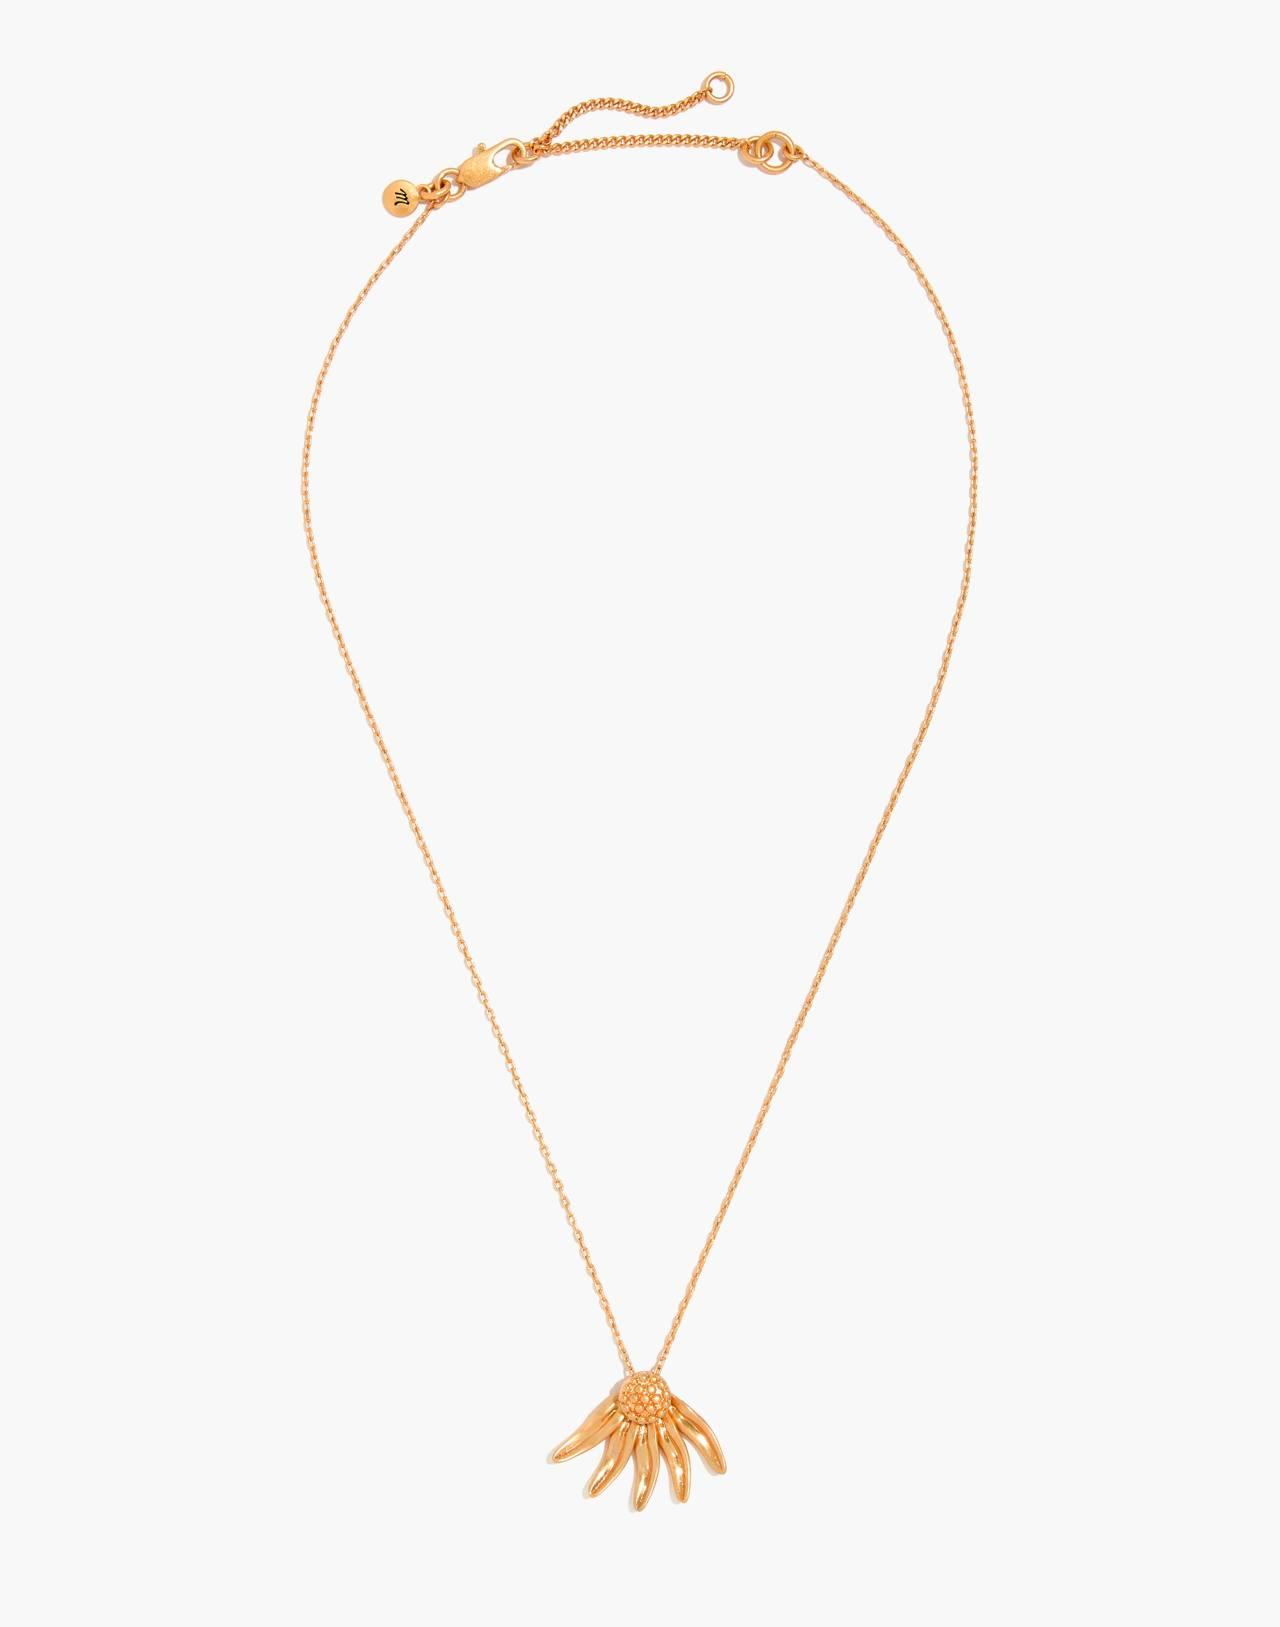 Fallen Petals Necklace in vintage gold image 2